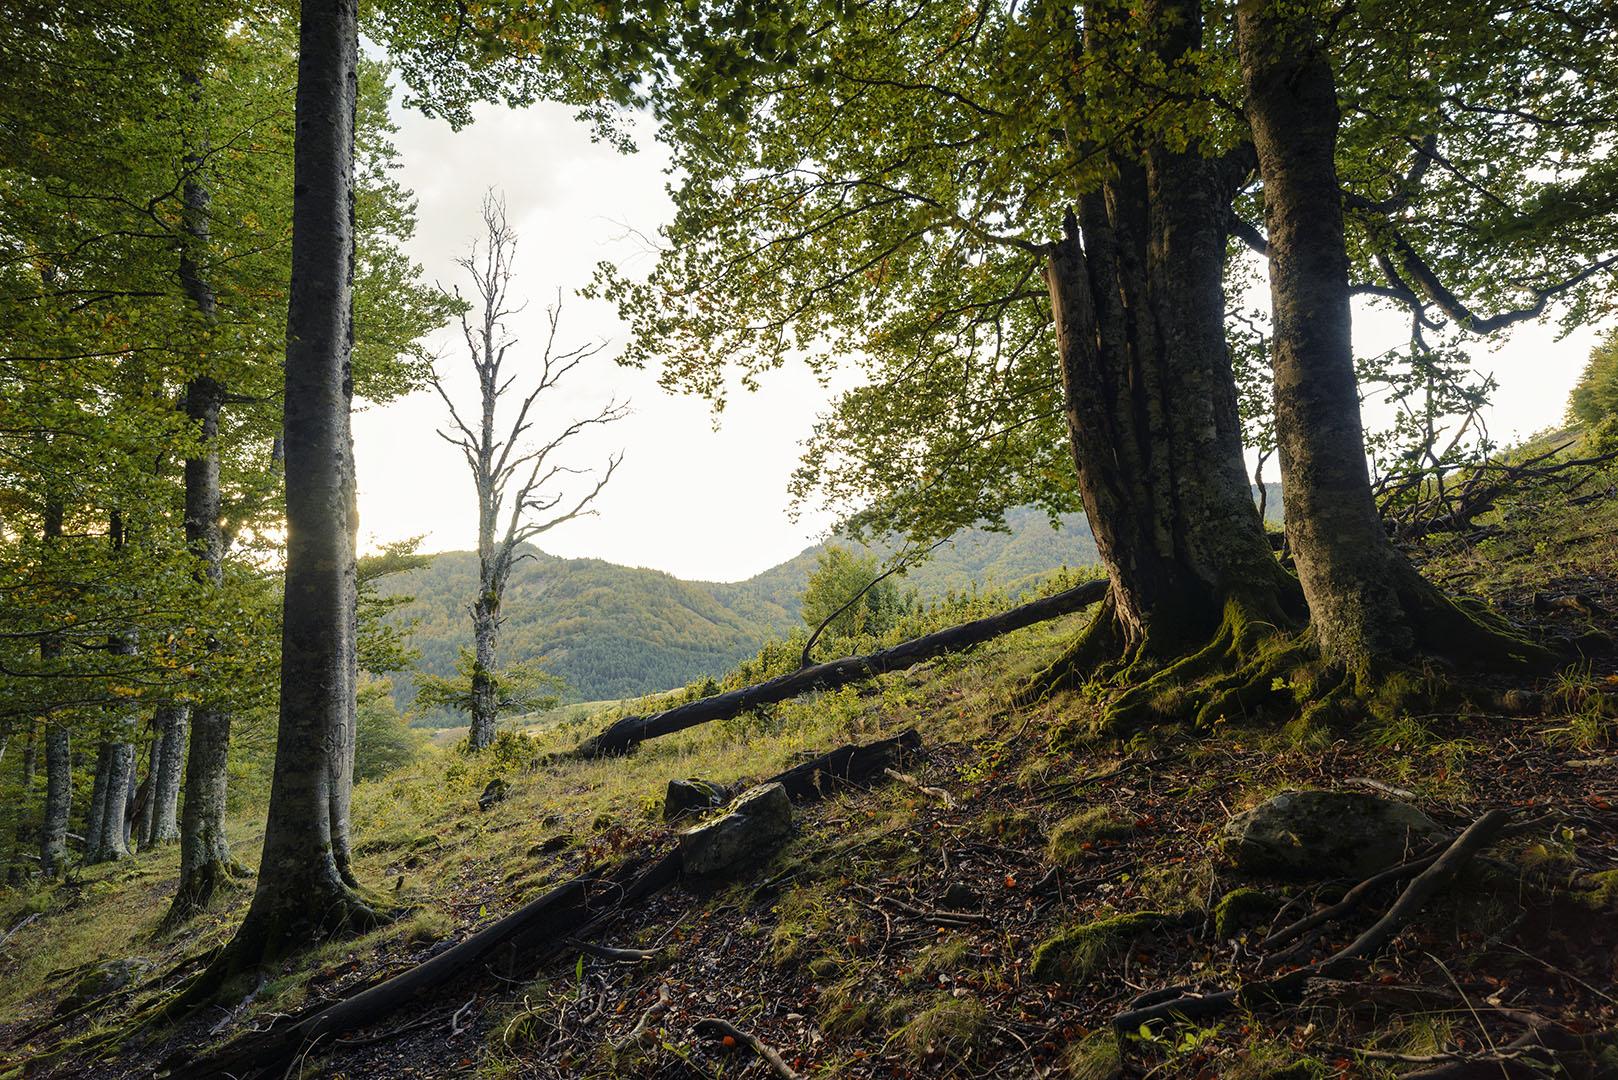 Adorando al superviviente - Archivo - Iñaki Larrea, Fotografía de naturaleza y montaña